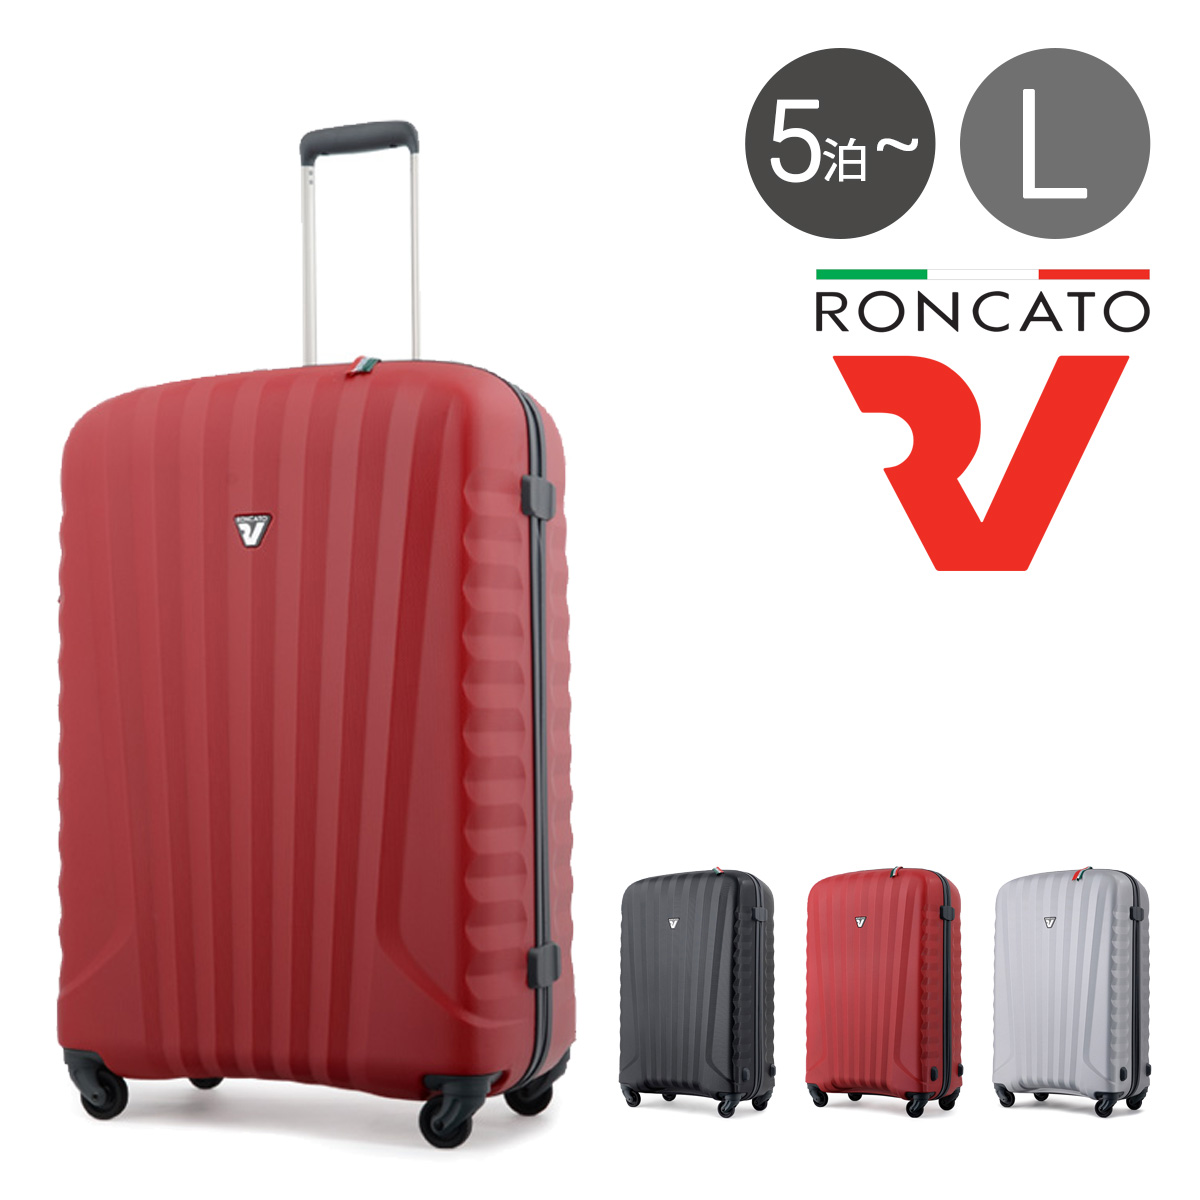 ロンカート スーツケース 5072 UNO ZIP ZSL 71cm 【 ウノ ジッパー 10年保証 】【 1431 軽量 イタリア製 キャリーケース TSAロック搭載 】【PO10】【bef】